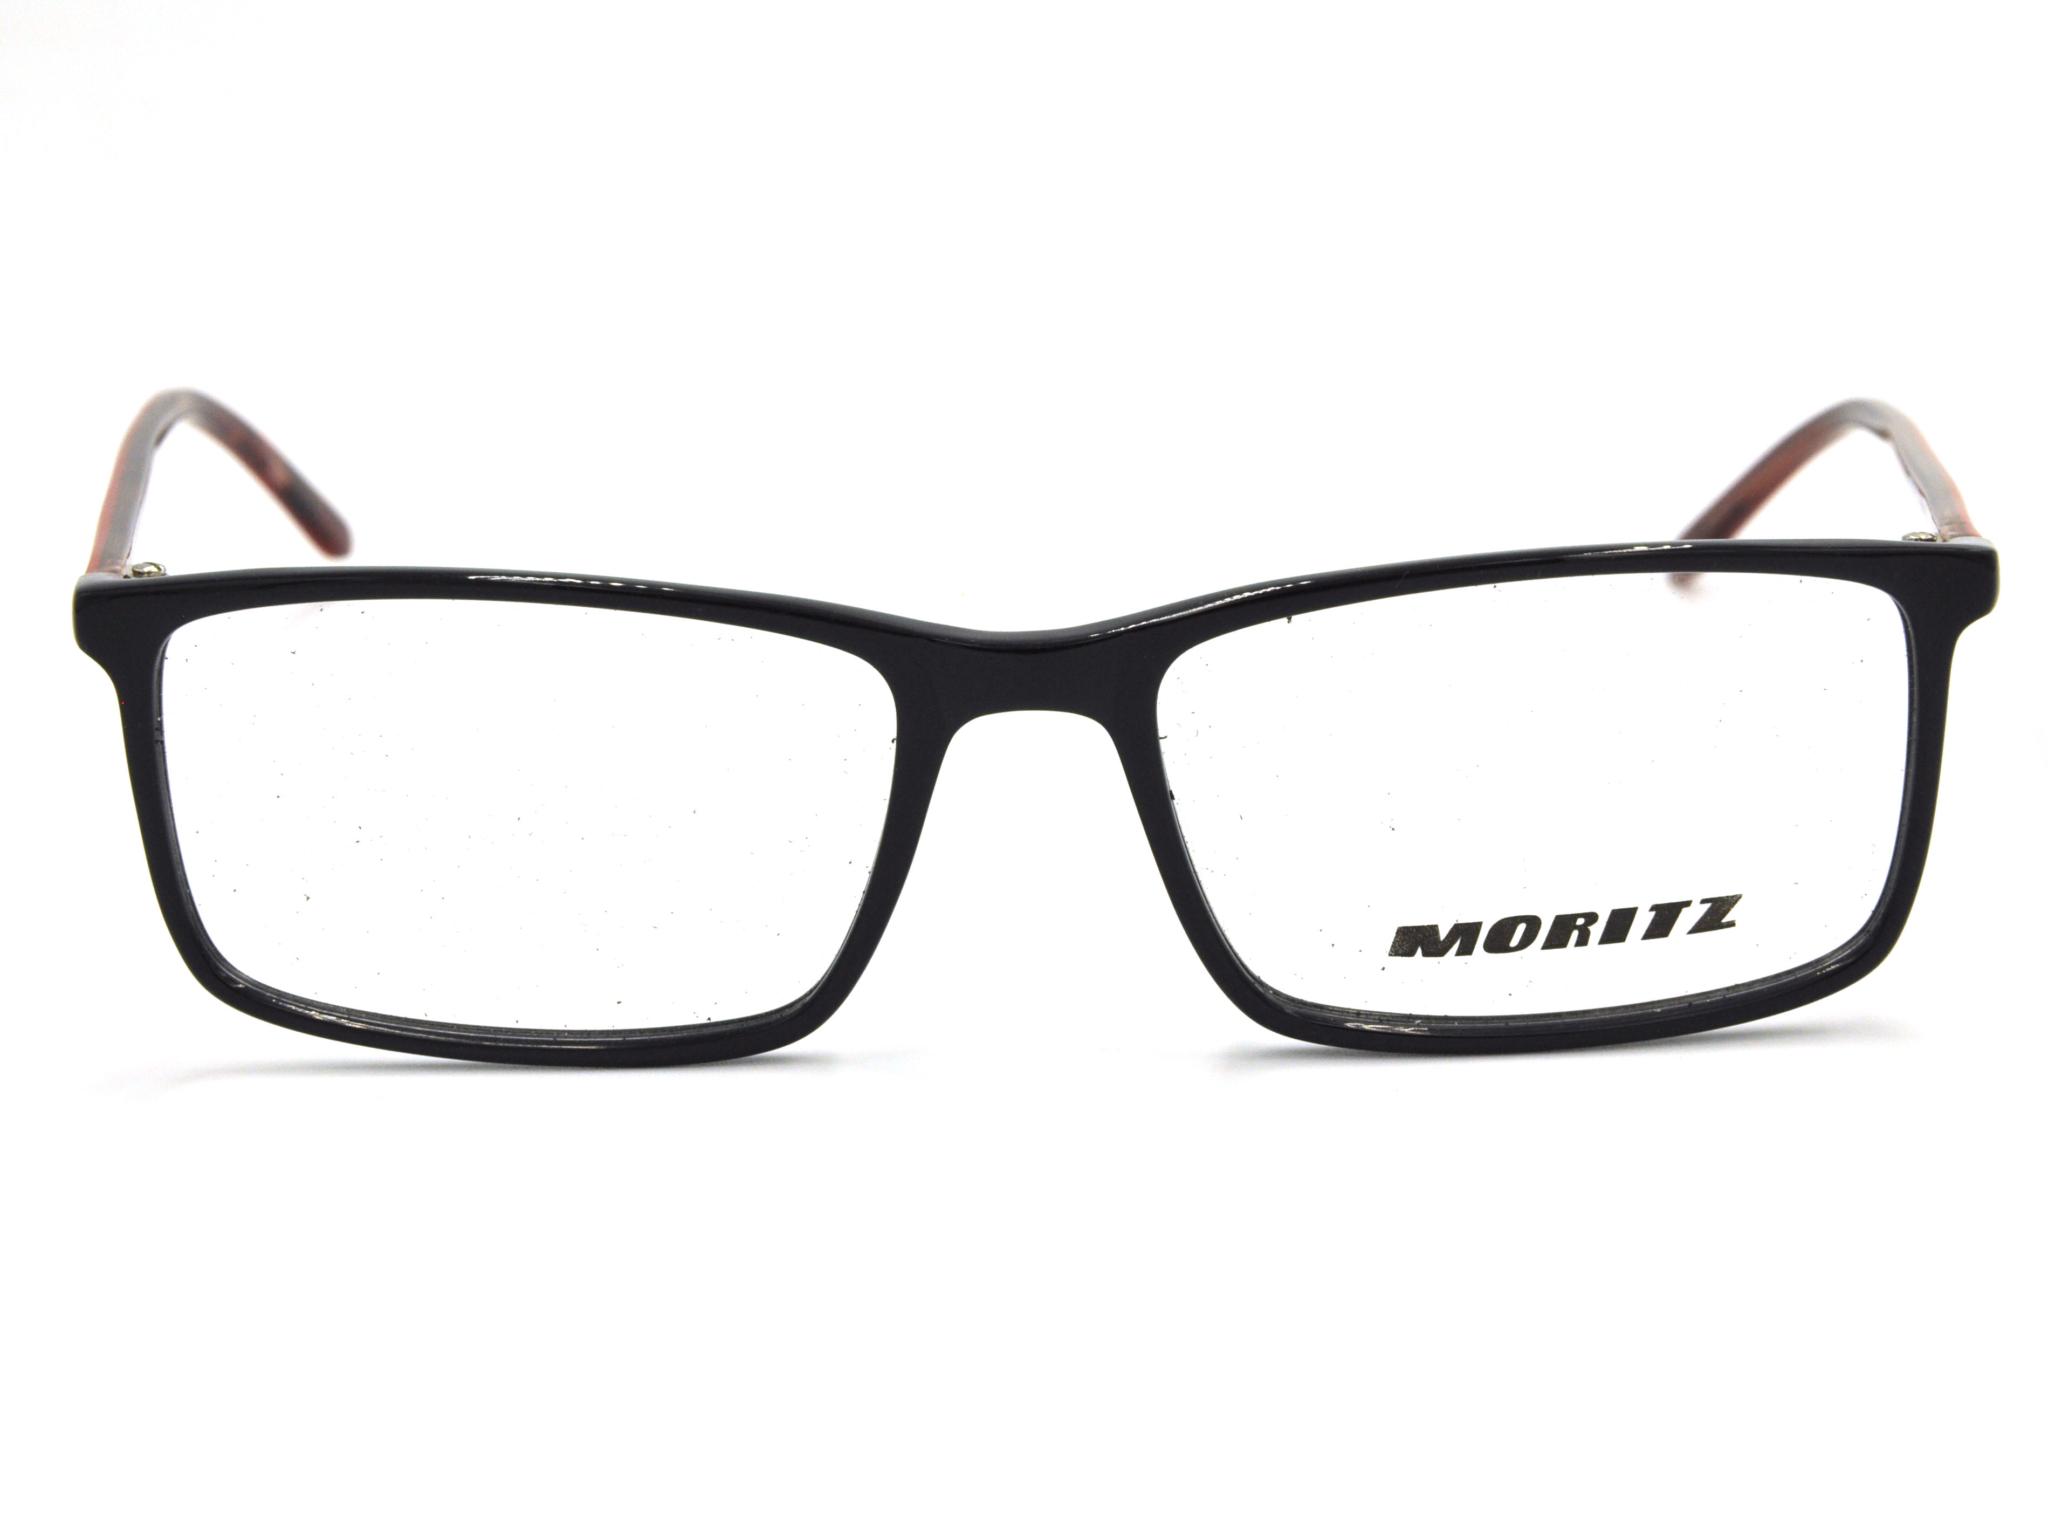 Γυαλιά οράσεως MorΙtz MZ21291 ME03 Πειραιάς